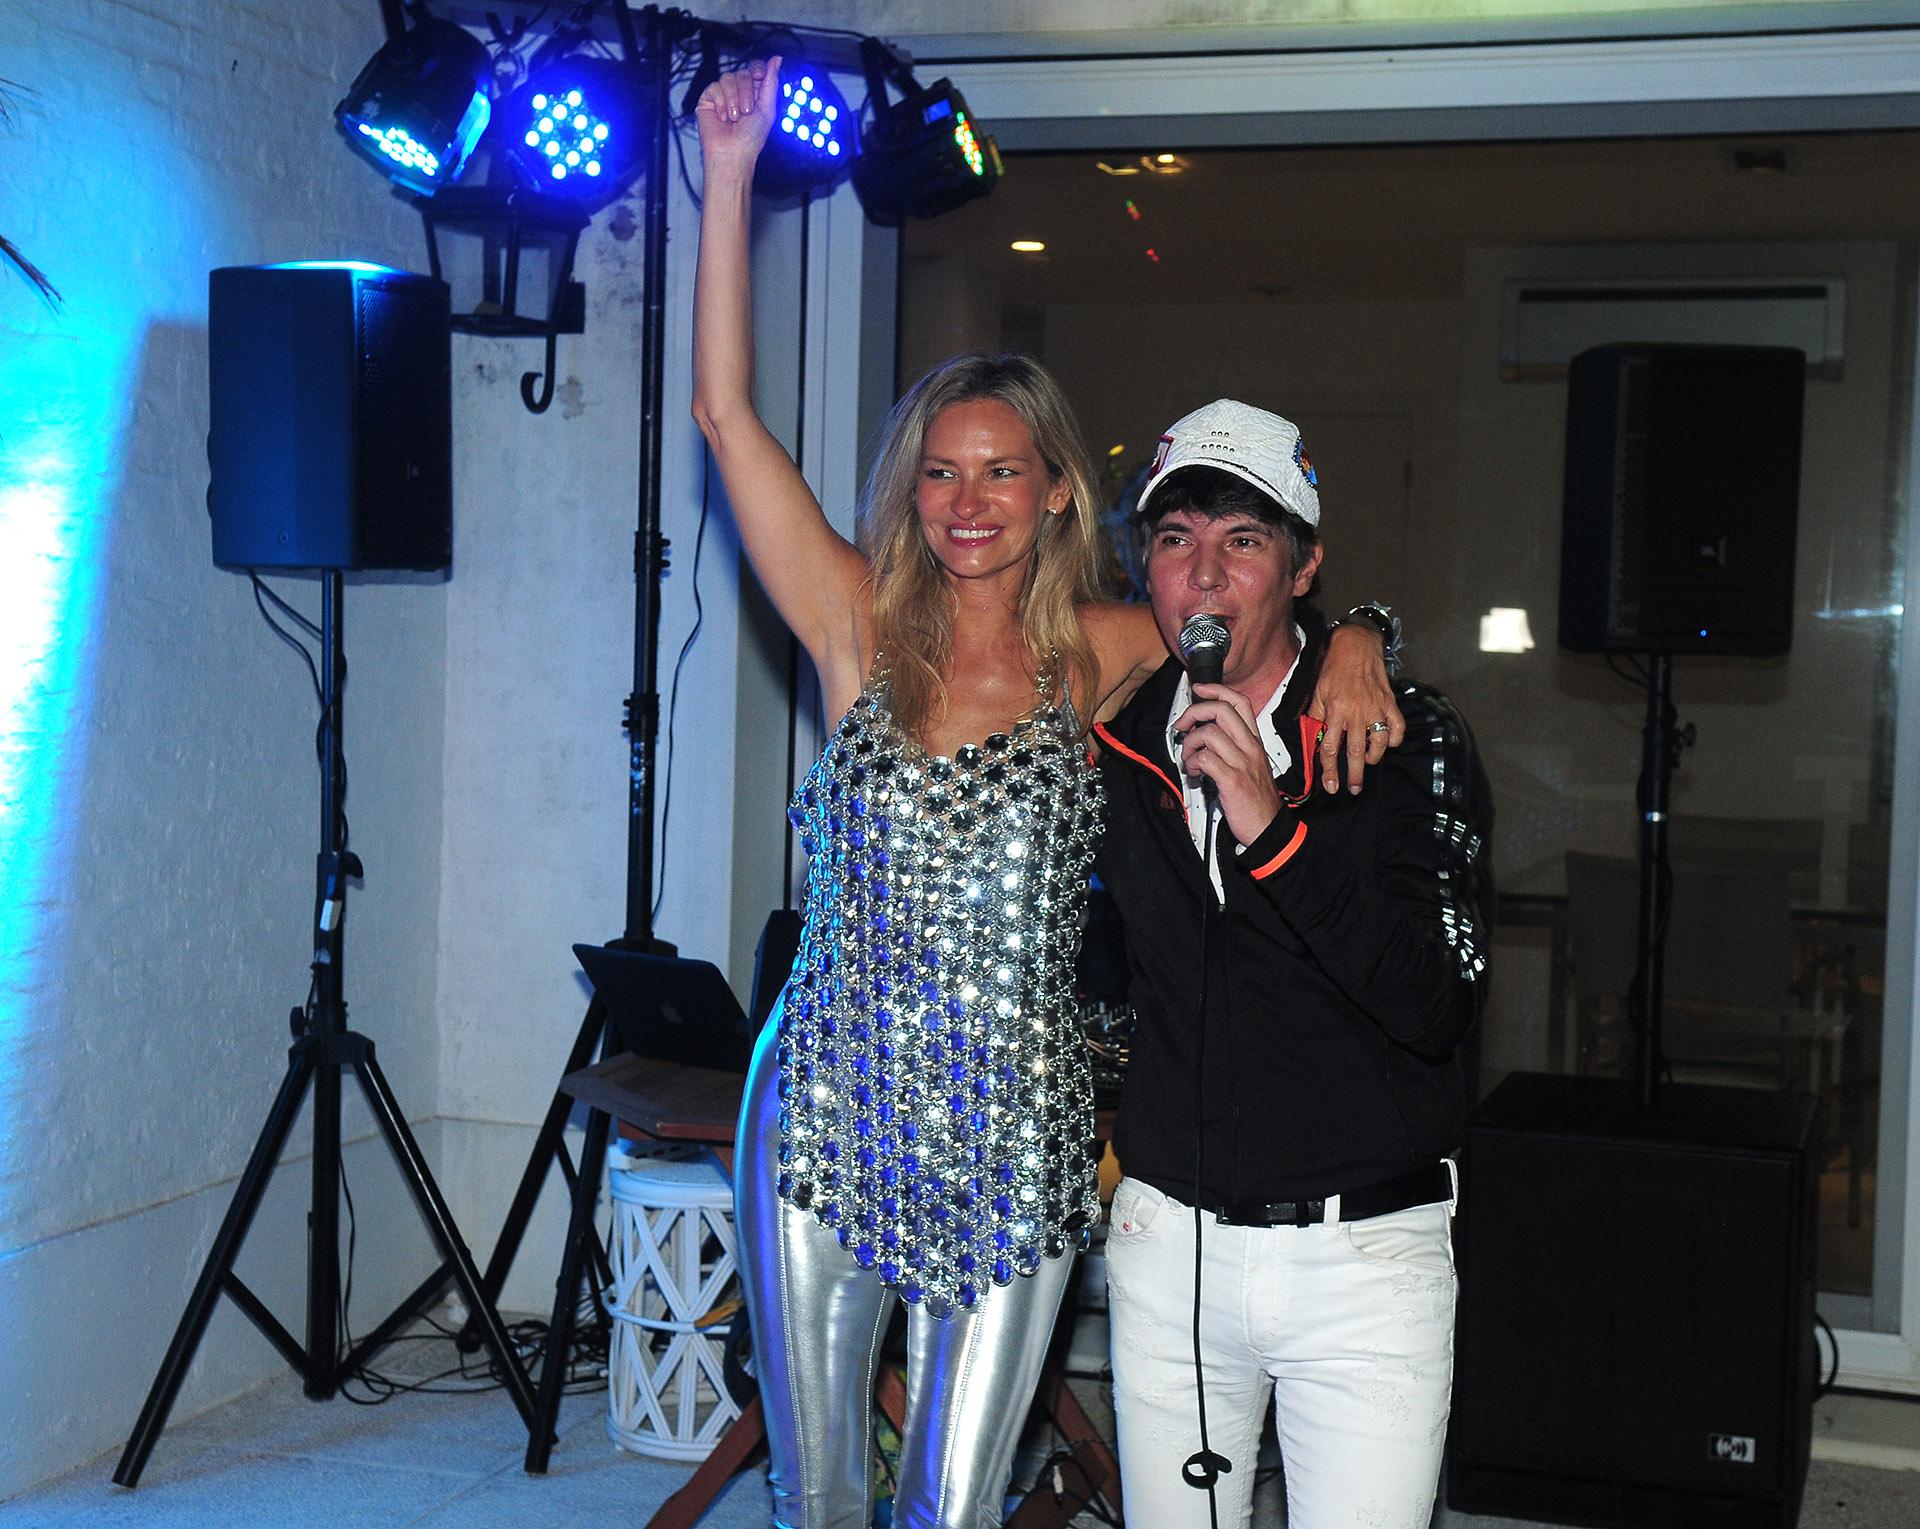 La gran sorpresa de la noche corrió por parte de Maxi Trusso, gran amigo de la familia Mascardi-Sciorra, quien le obsequió su show a Lily como regalo de cumpleaños